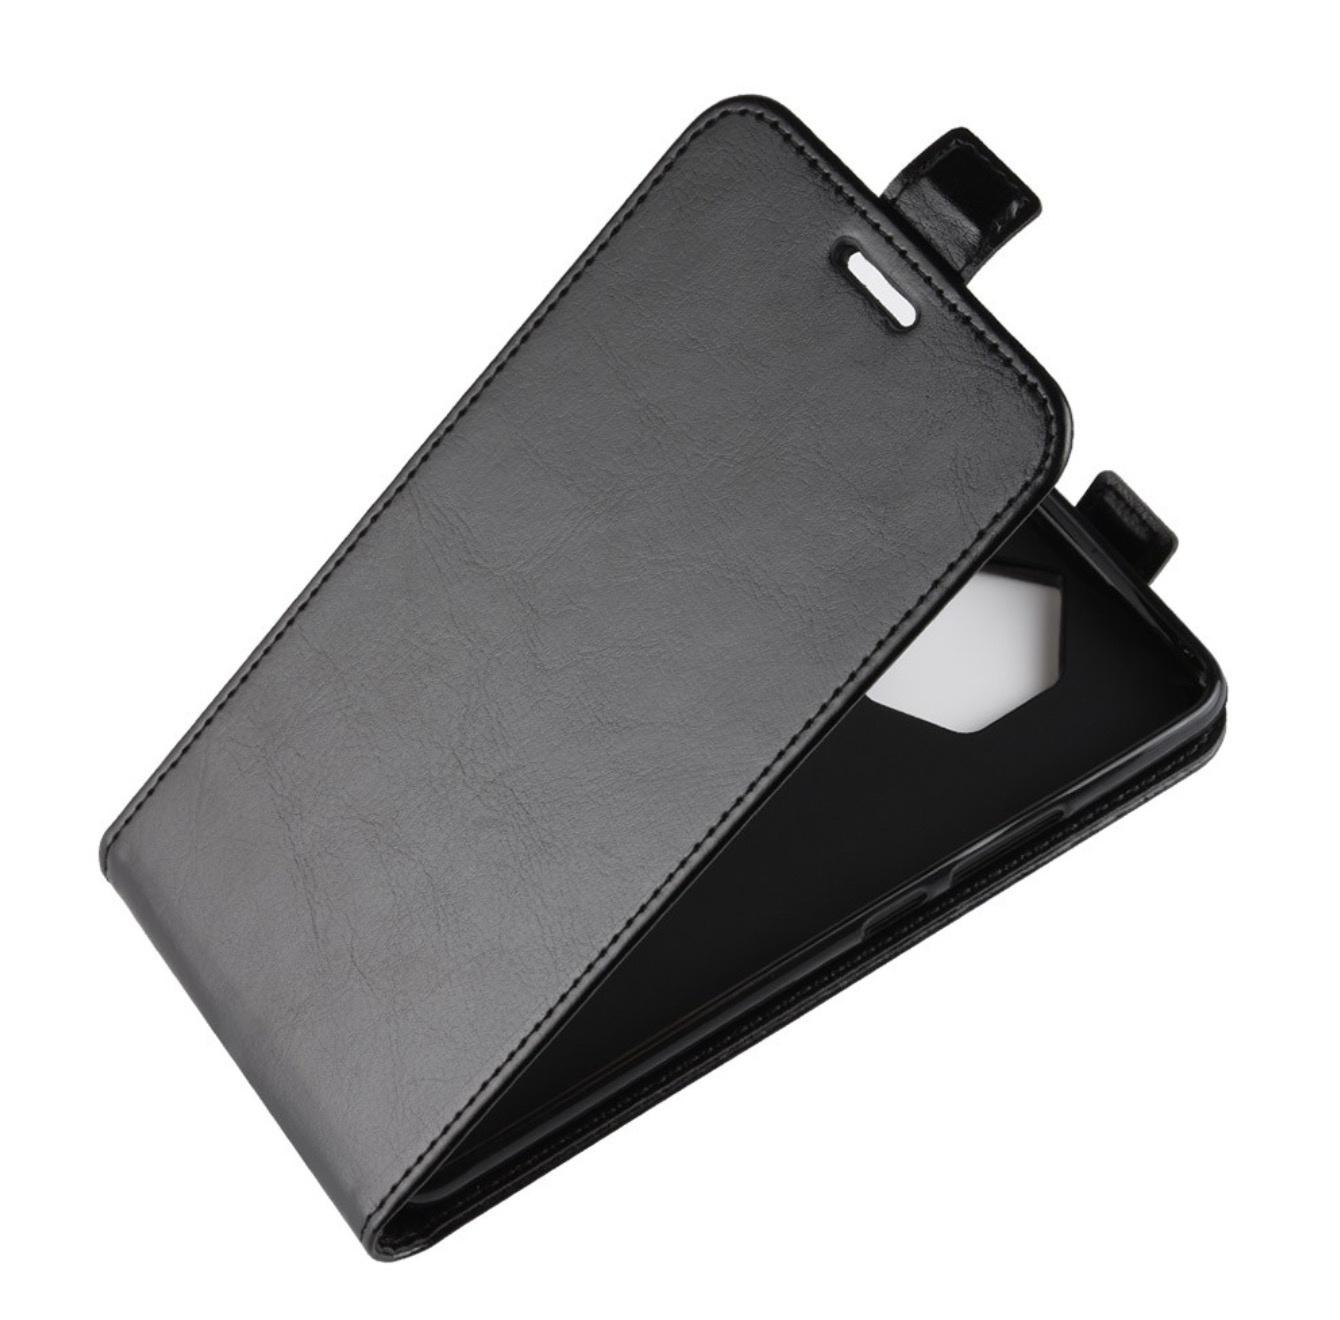 Чехол-флип MyPads для Highscreen Verge вертикальный откидной черный